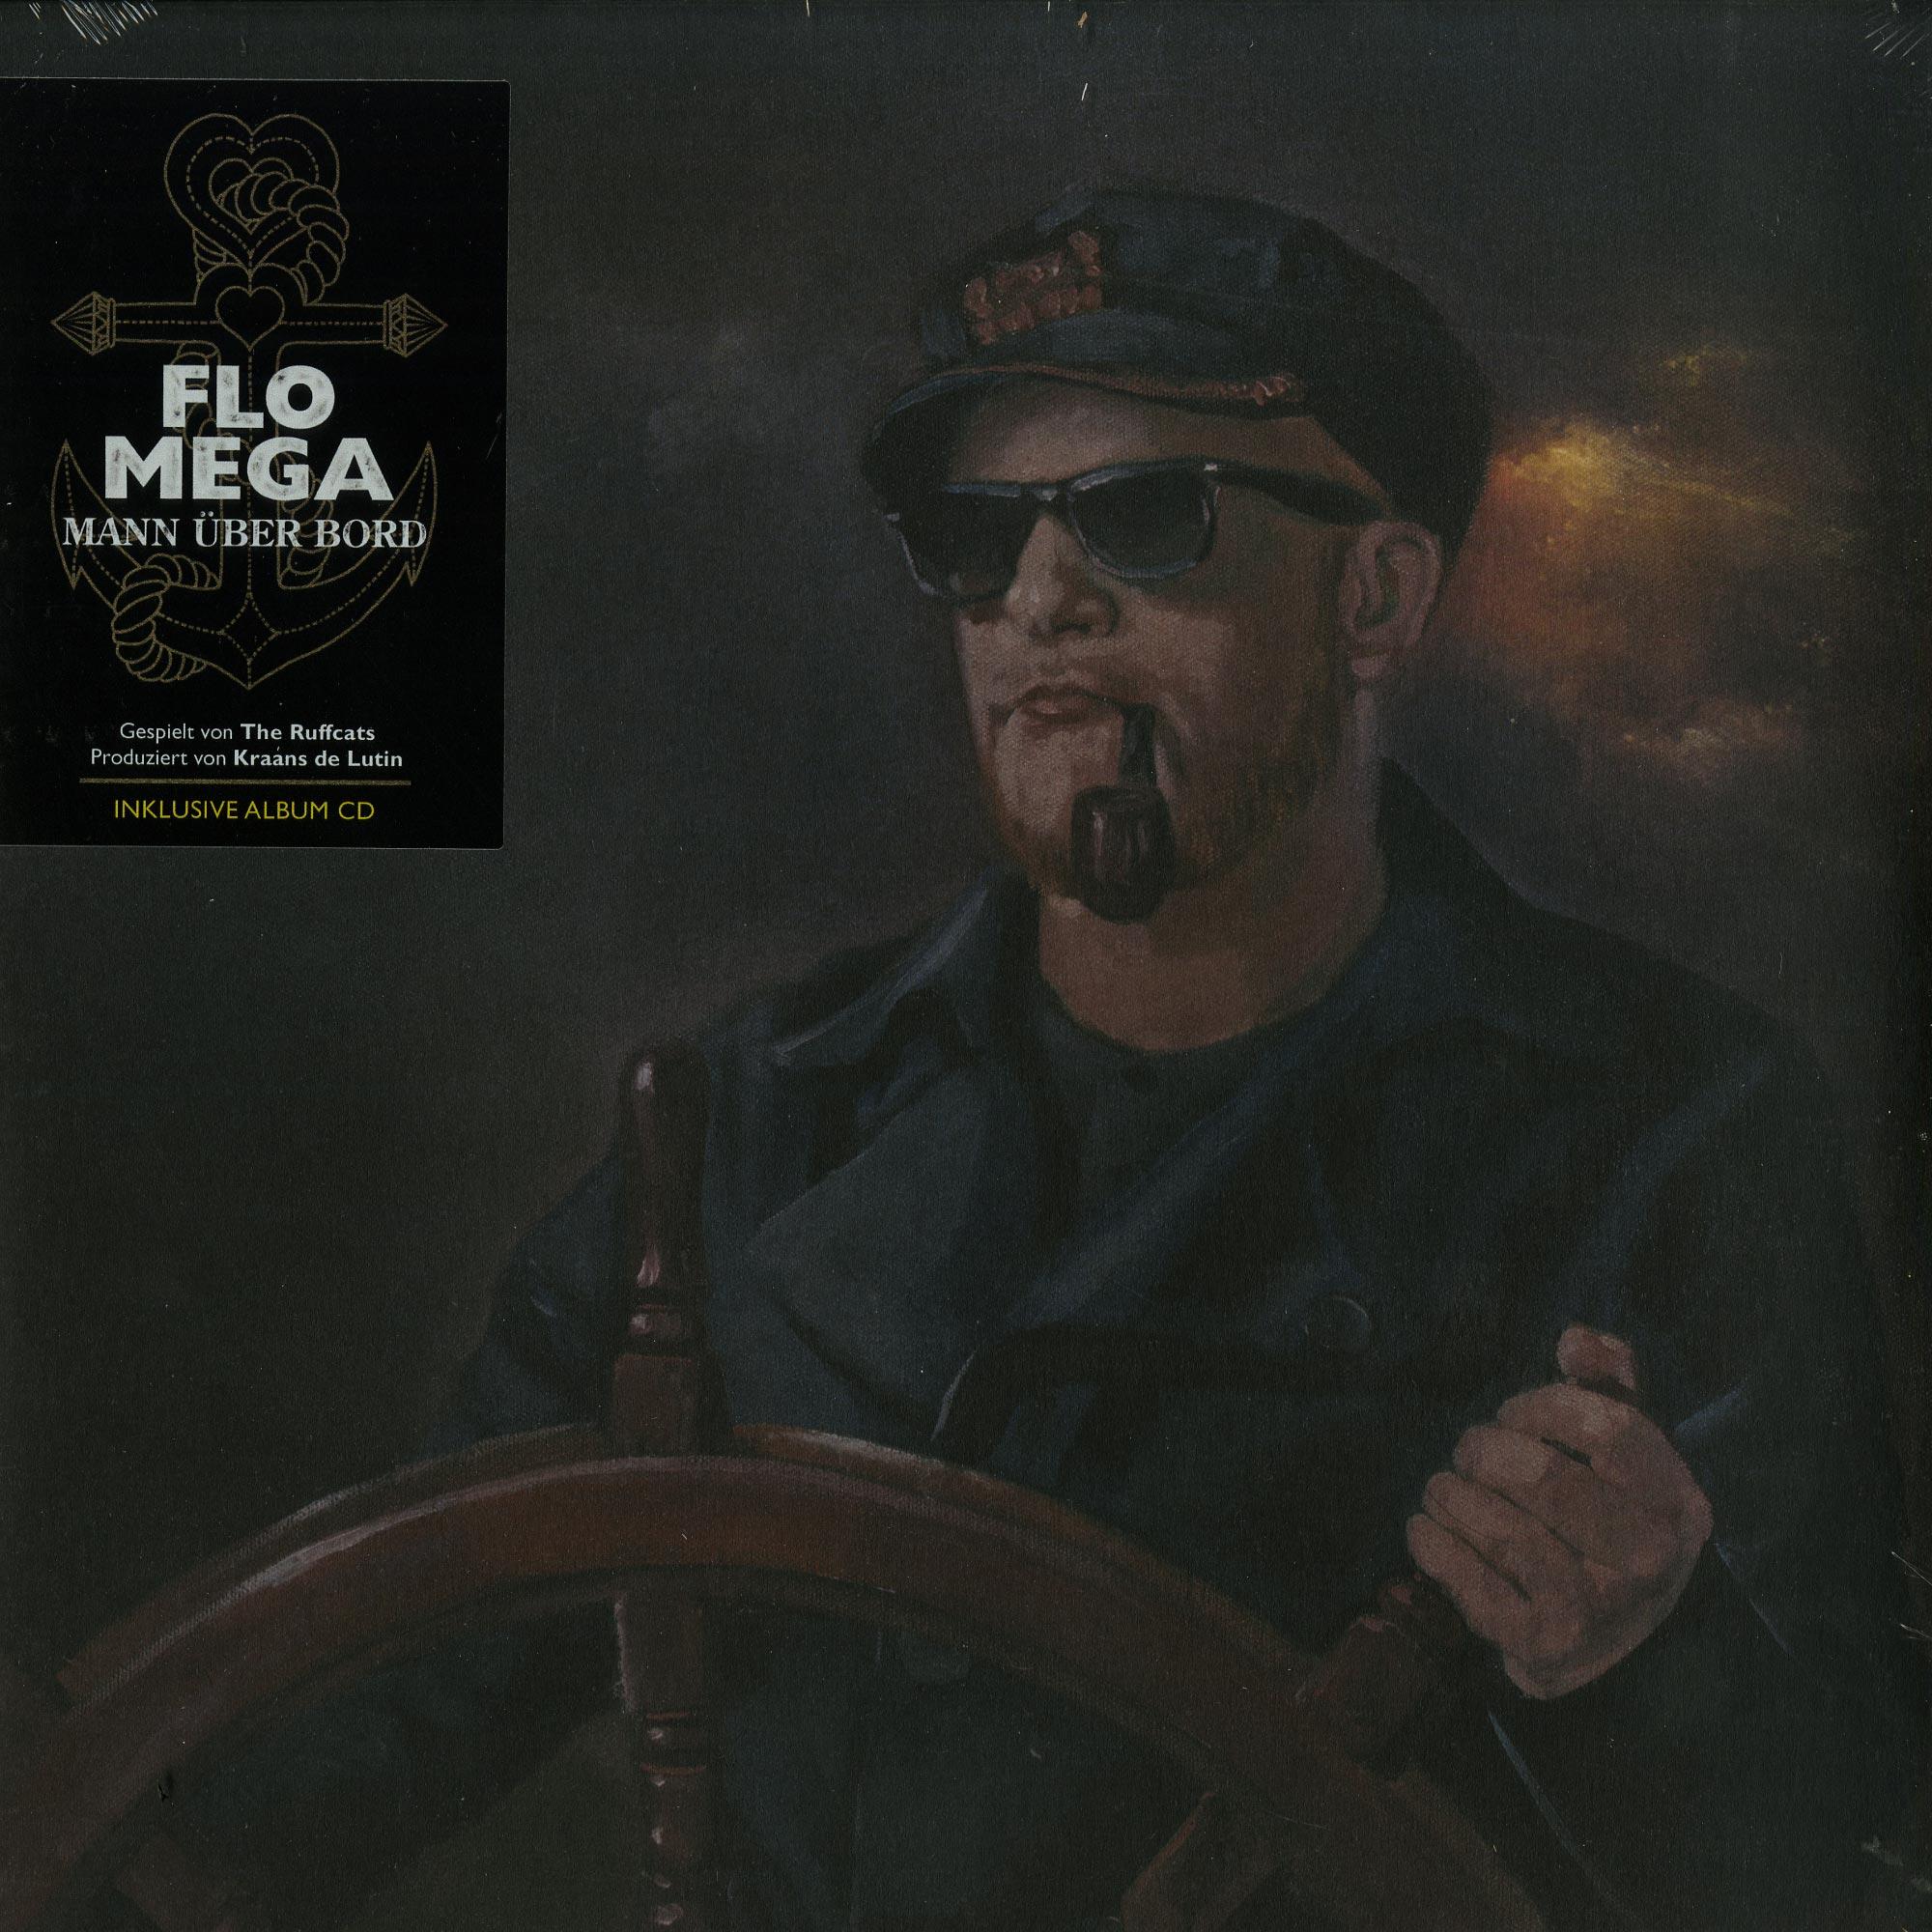 Flo Mega - MANN UEBER BORD